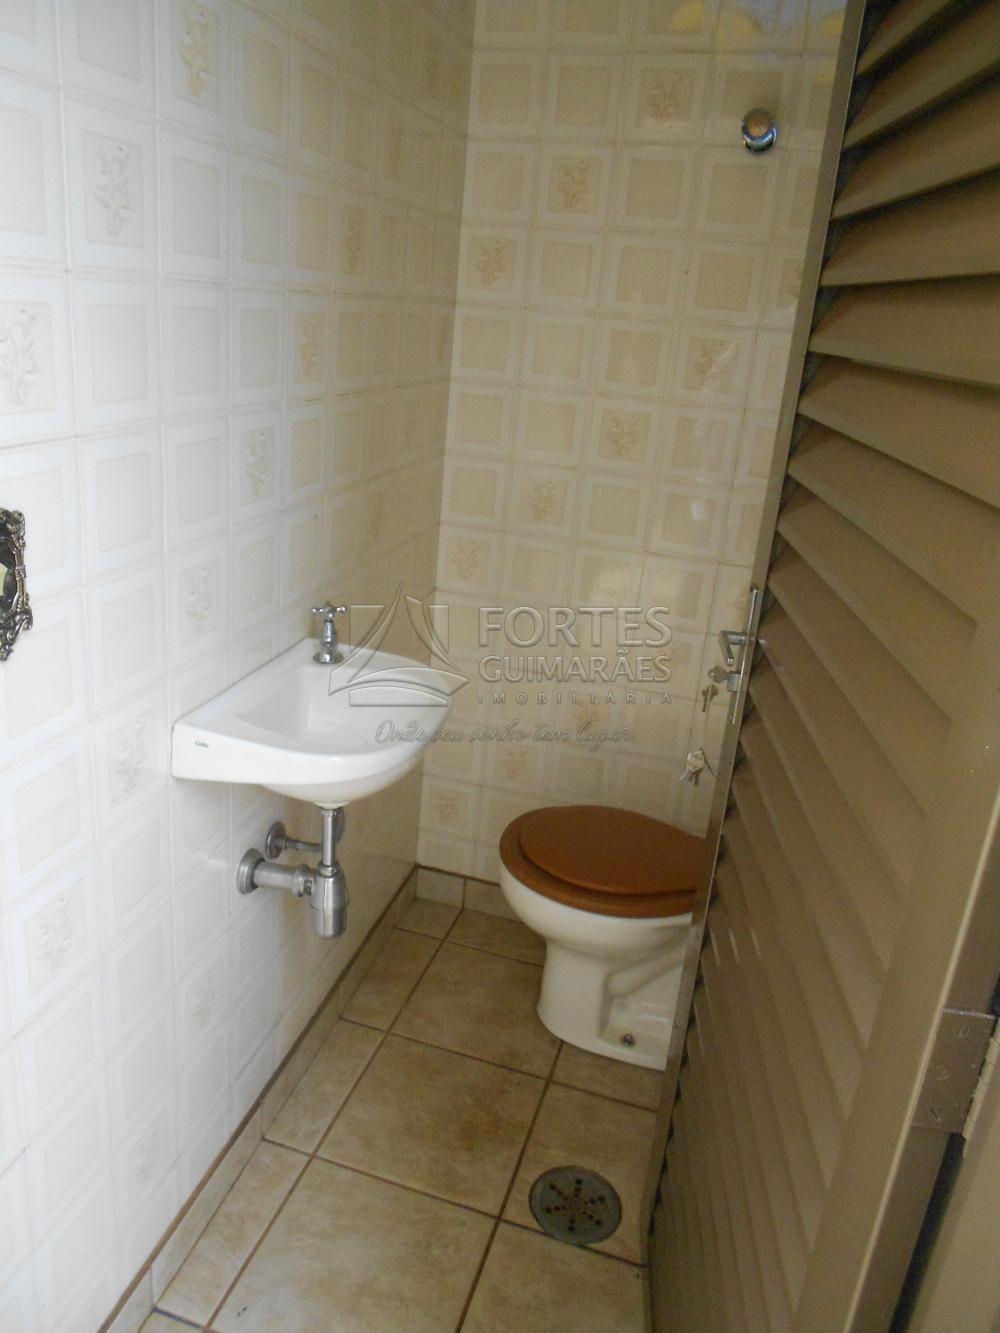 Alugar Casas / Padrão em Ribeirão Preto apenas R$ 5.500,00 - Foto 16